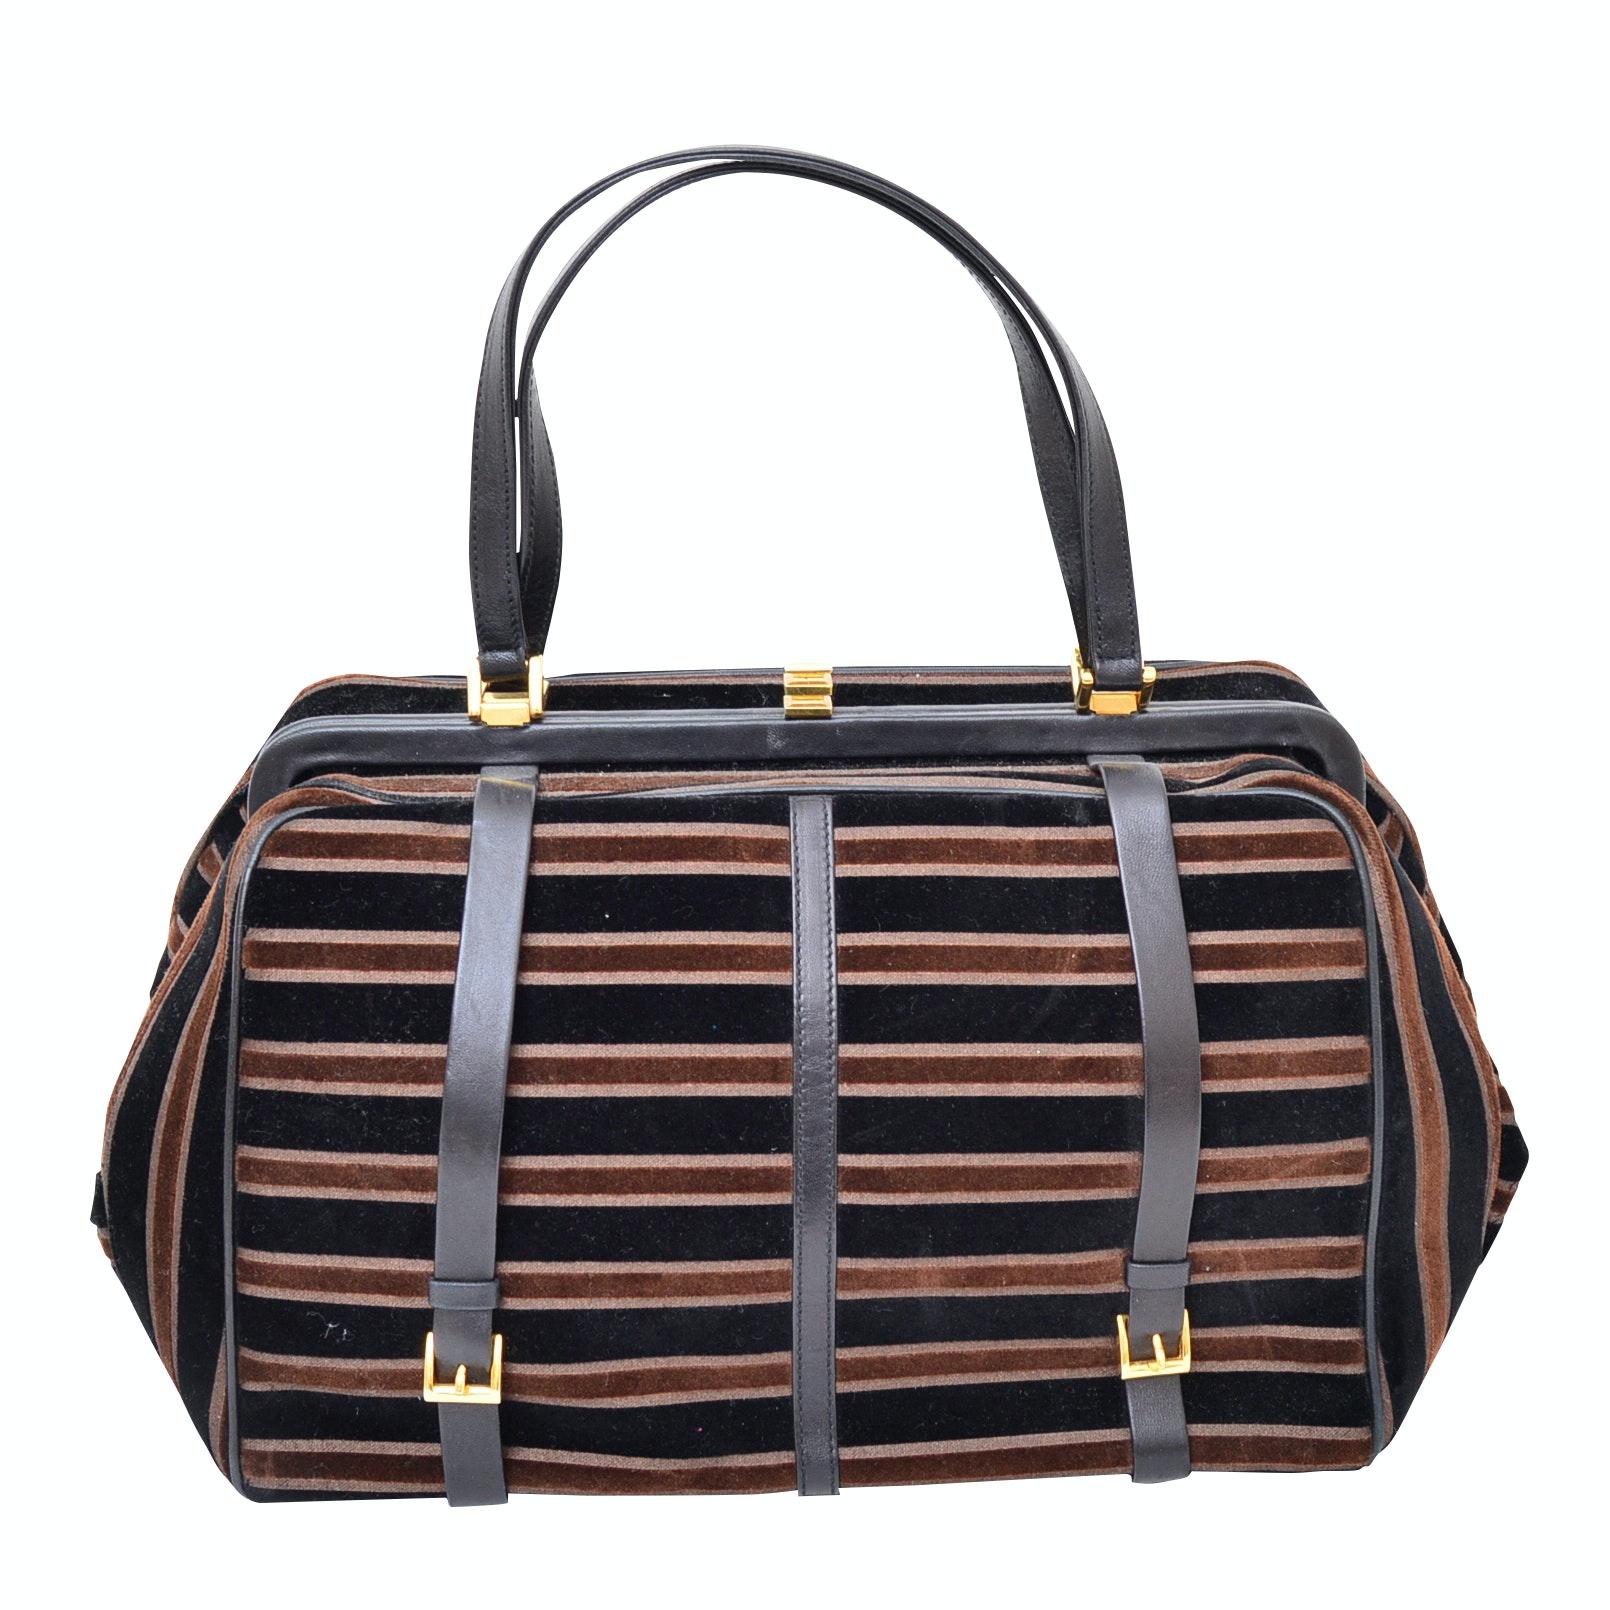 Saks Fifth Avenue Leather-Trimmed Suede Handbag